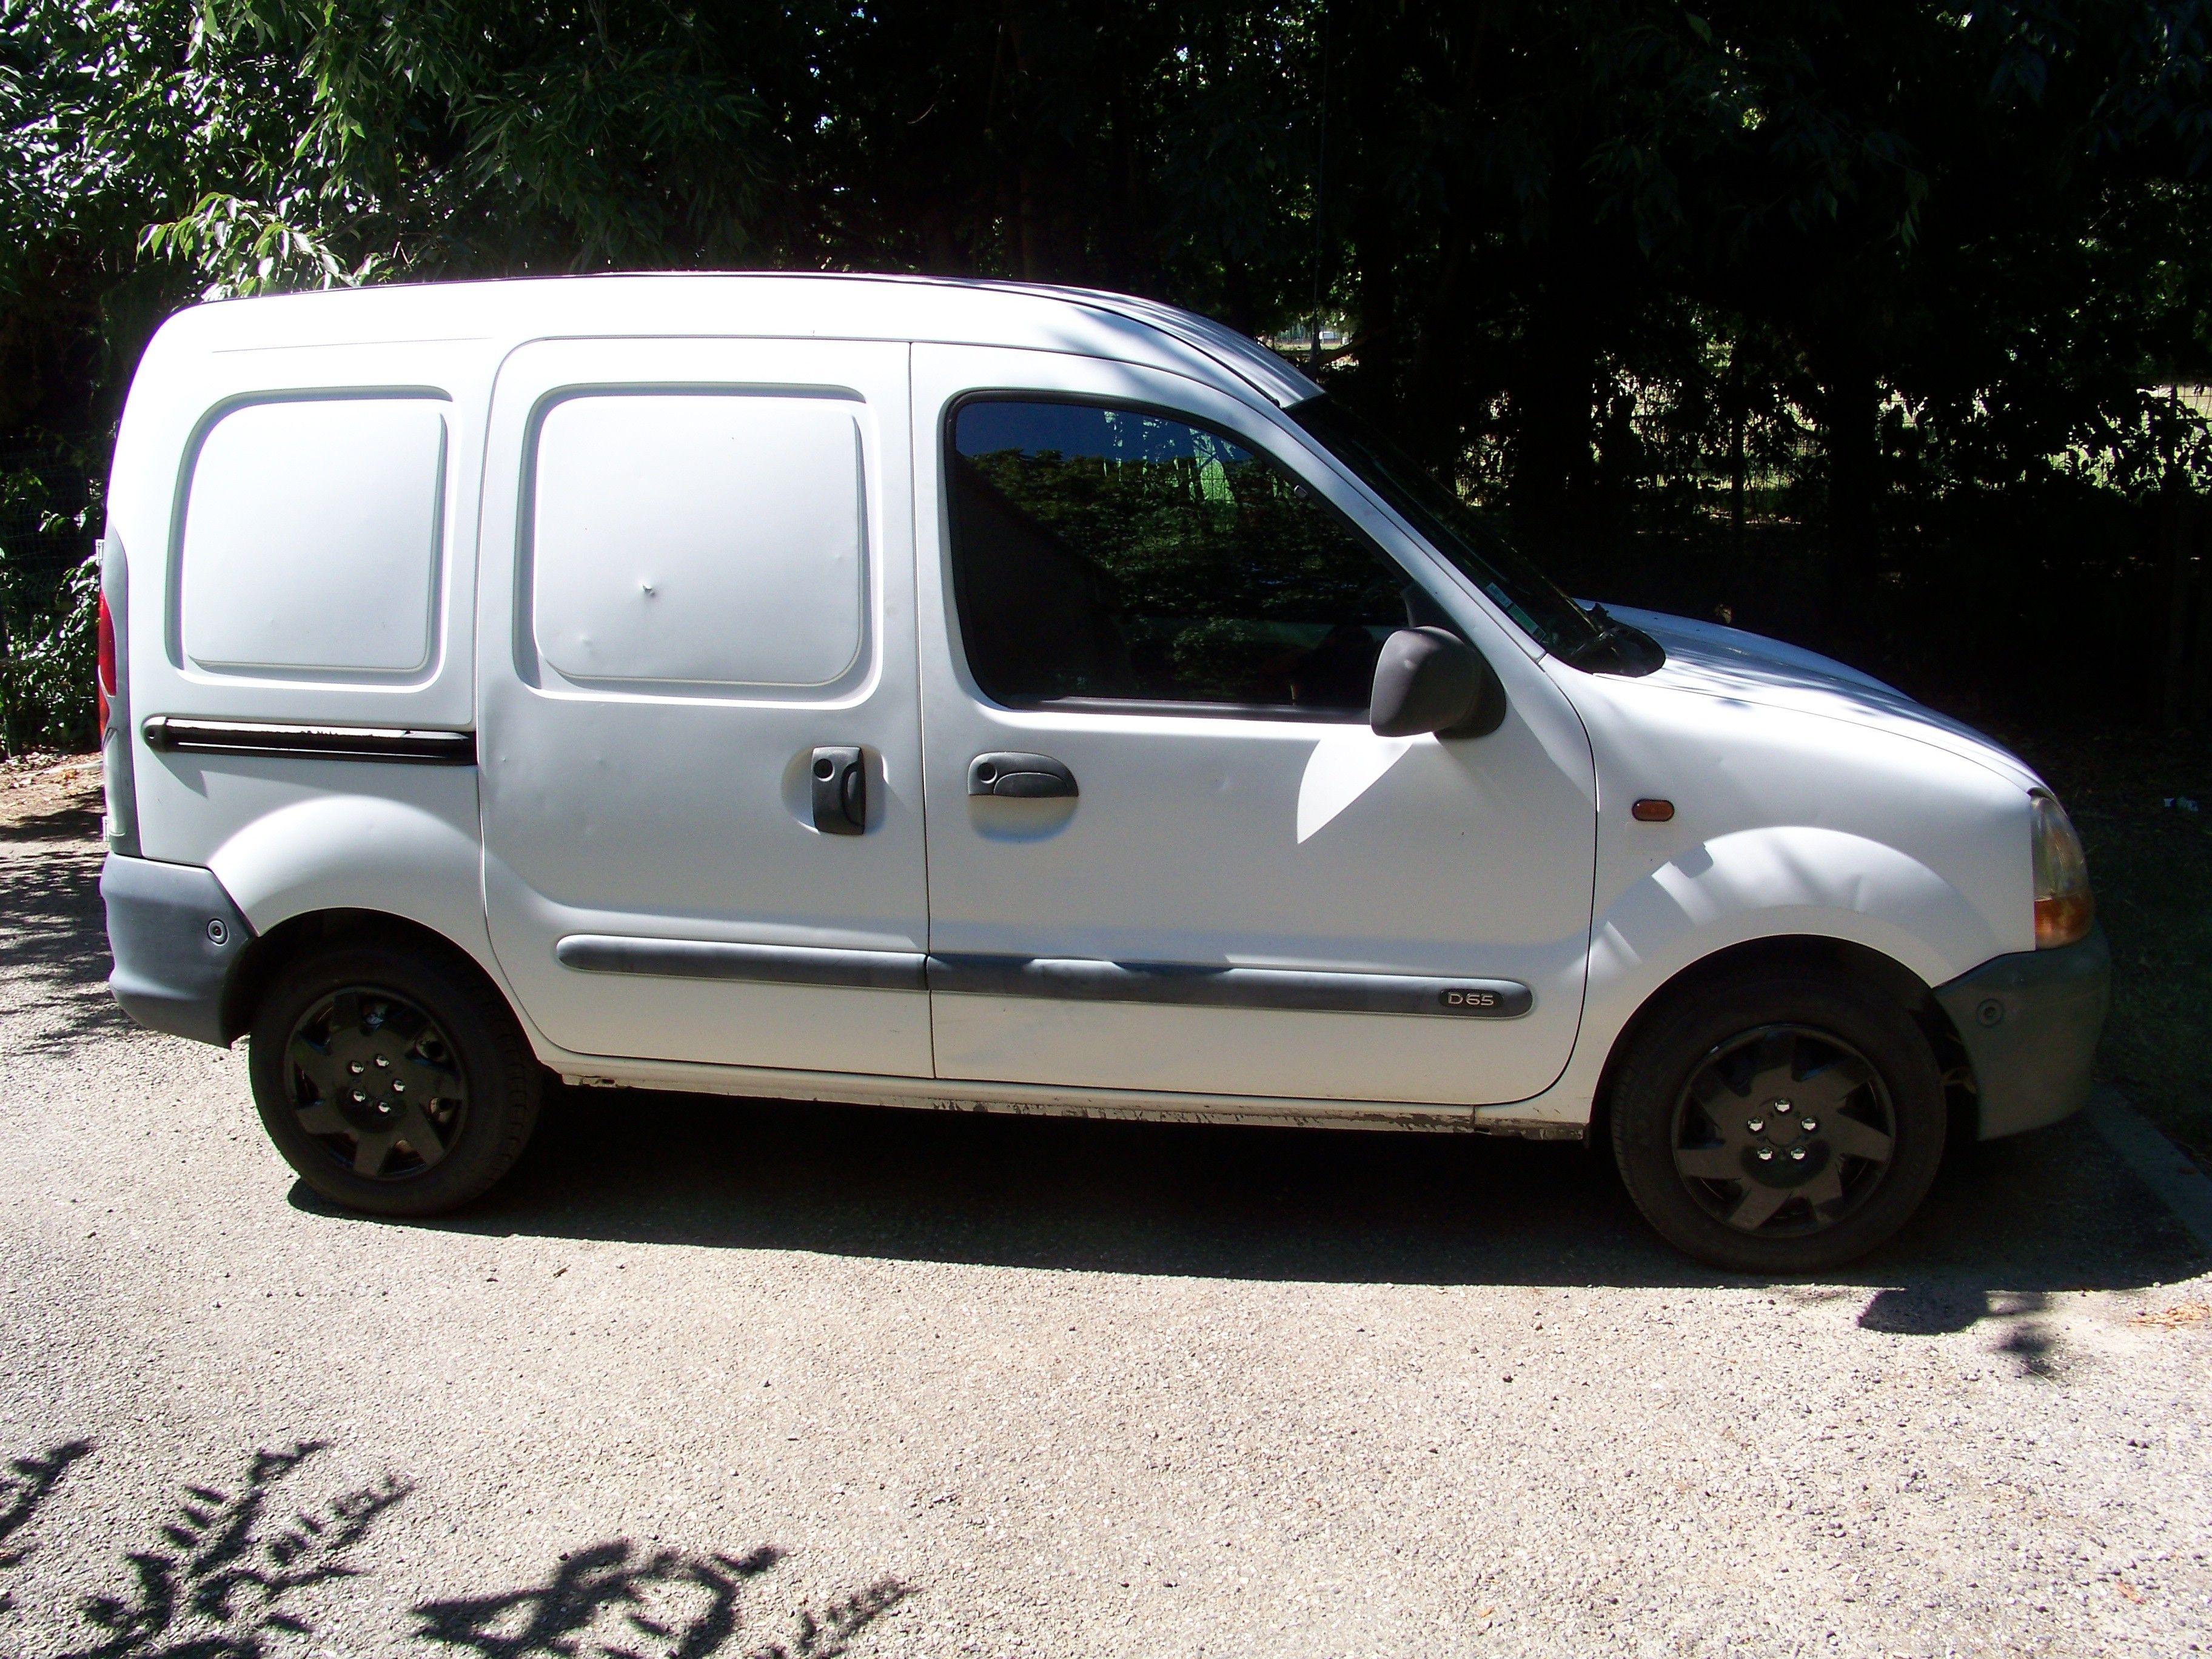 Luxury Le Bon Coin 49 Voitures Occasion Utilitaire Car Van Vehicles